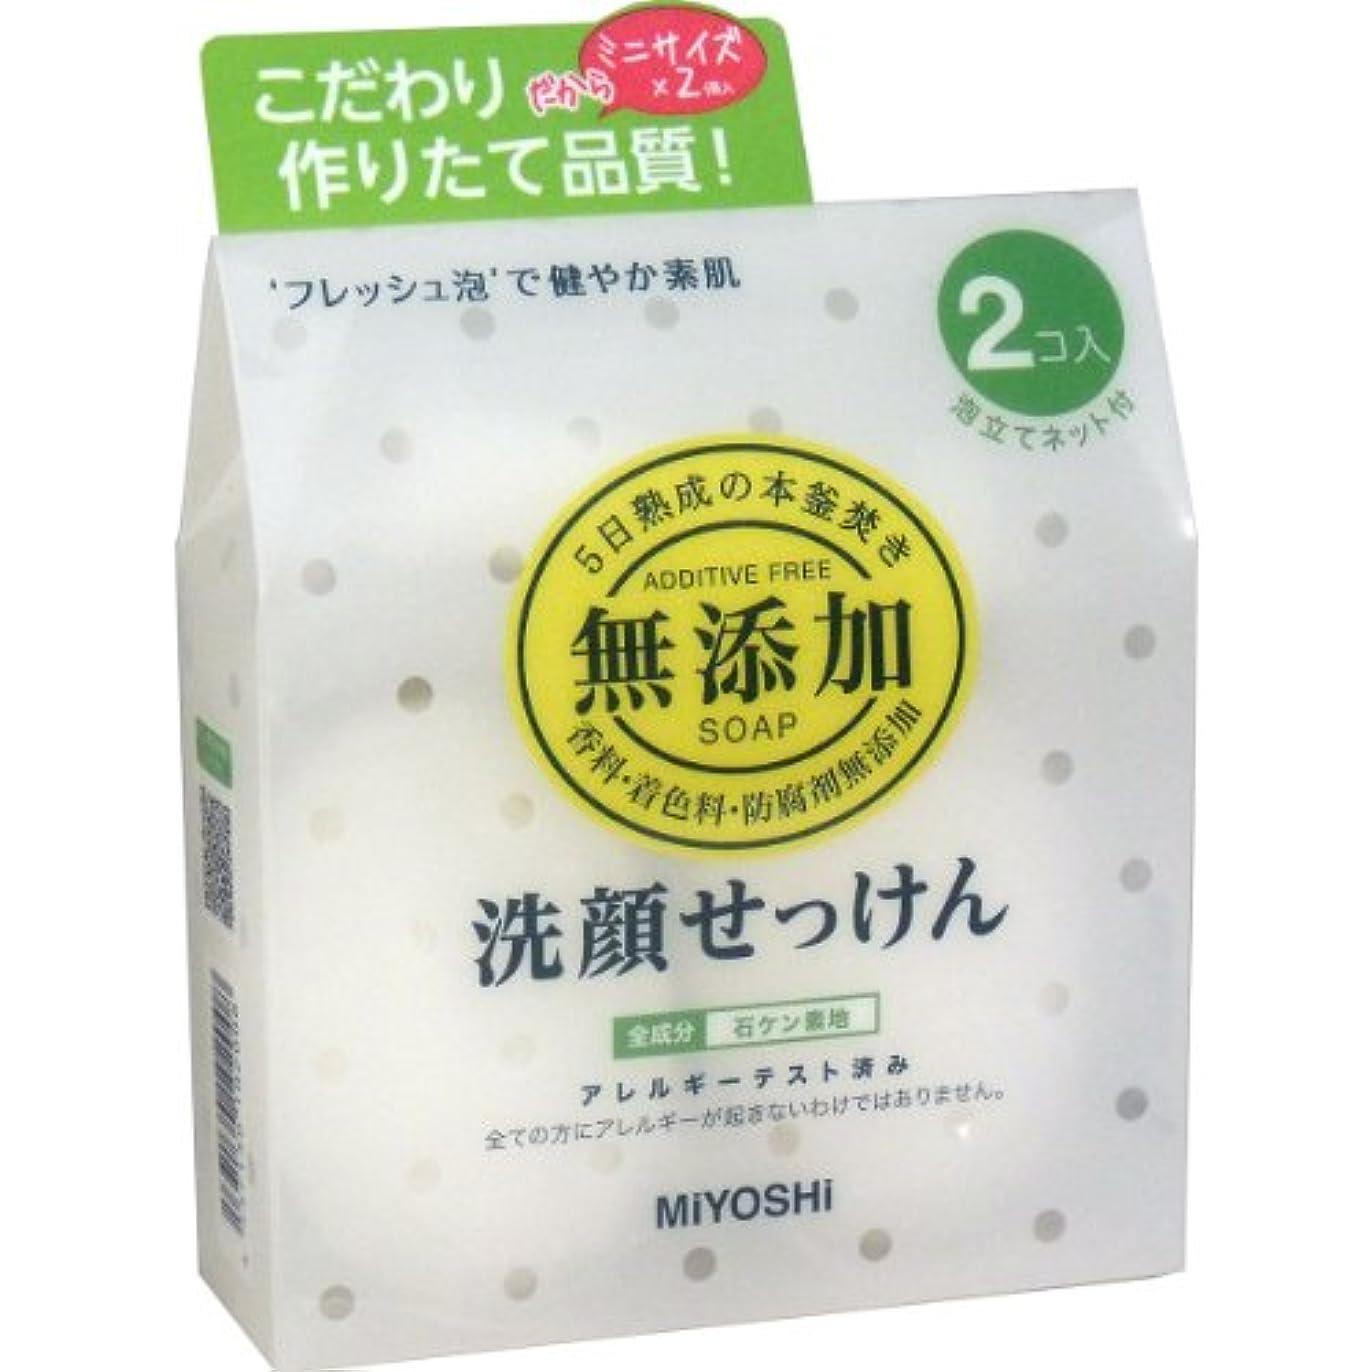 宿るウィンク分類する【ミヨシ石鹸】無添加 洗顔せっけん 40g×2コ入 ×10個セット